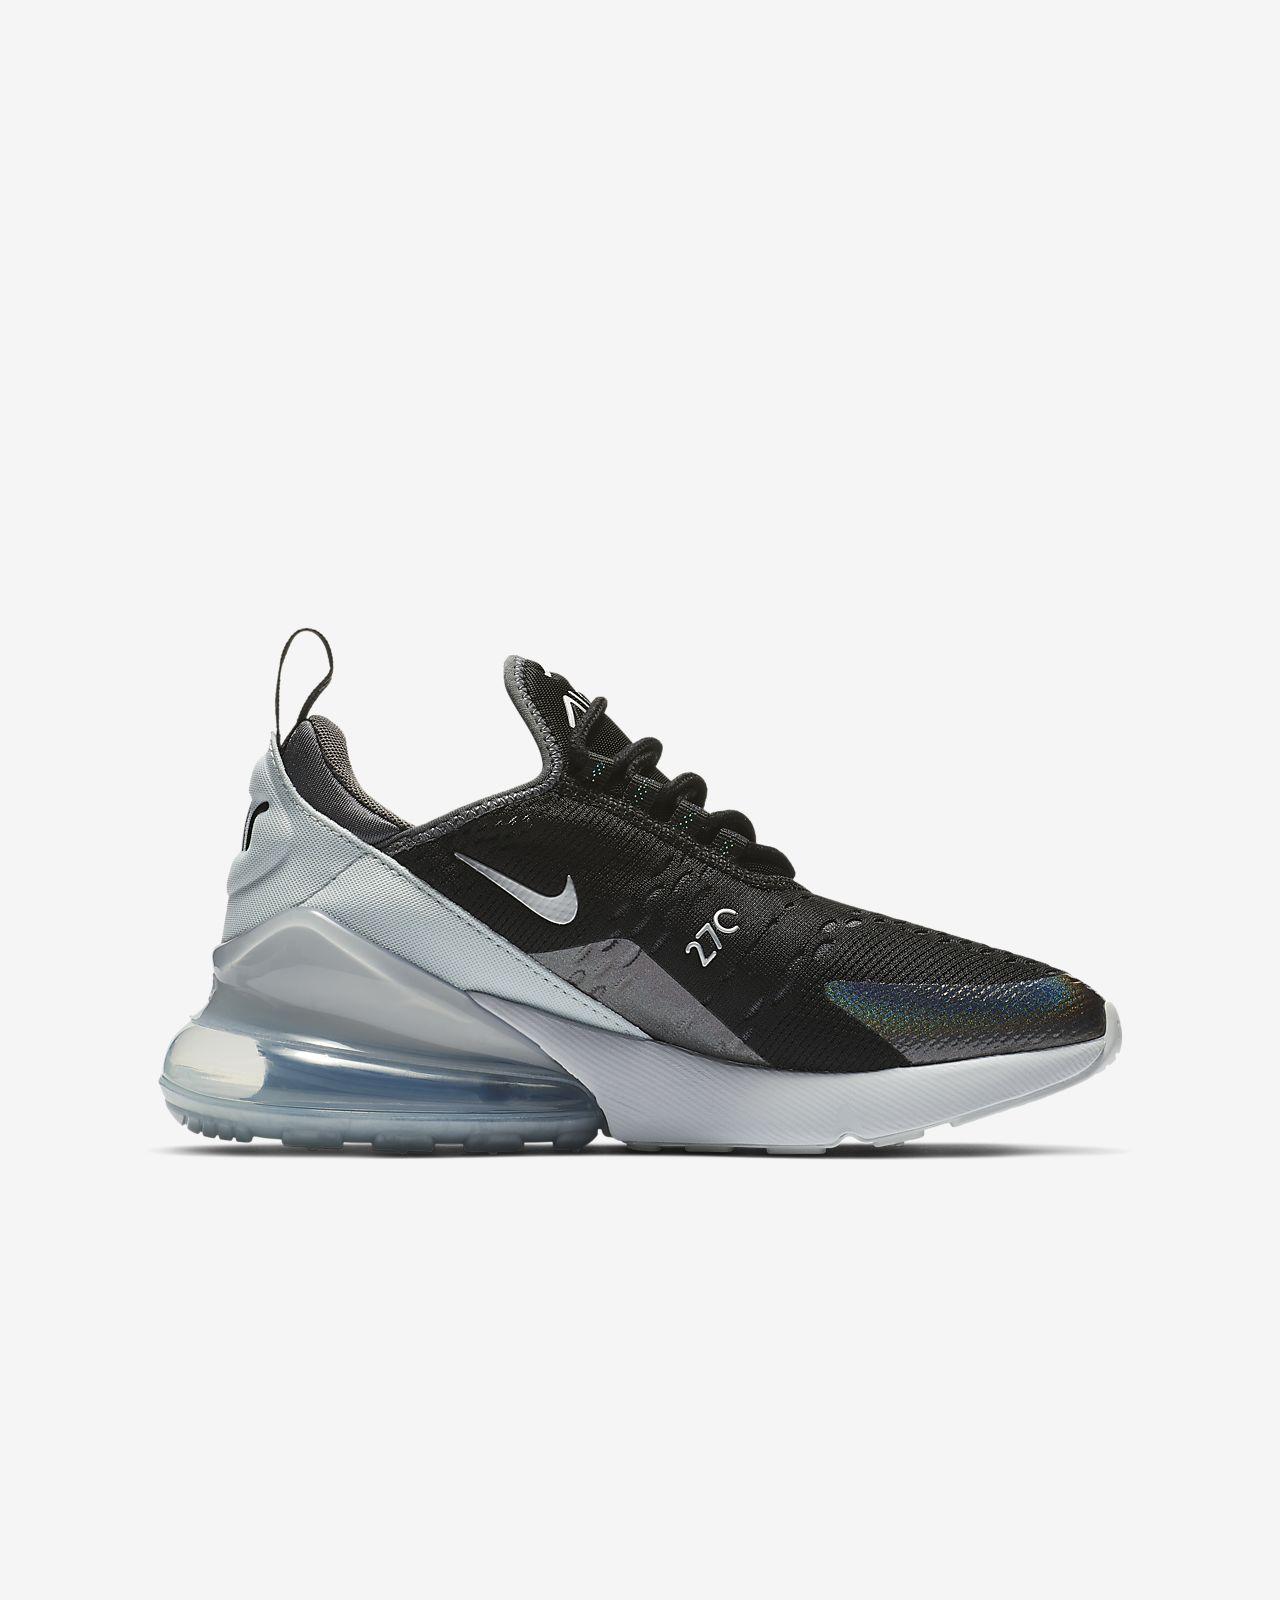 270 Nike Max Plus Air Pour Enfant Y2k Chaussure Âgé deBrxoWCQ